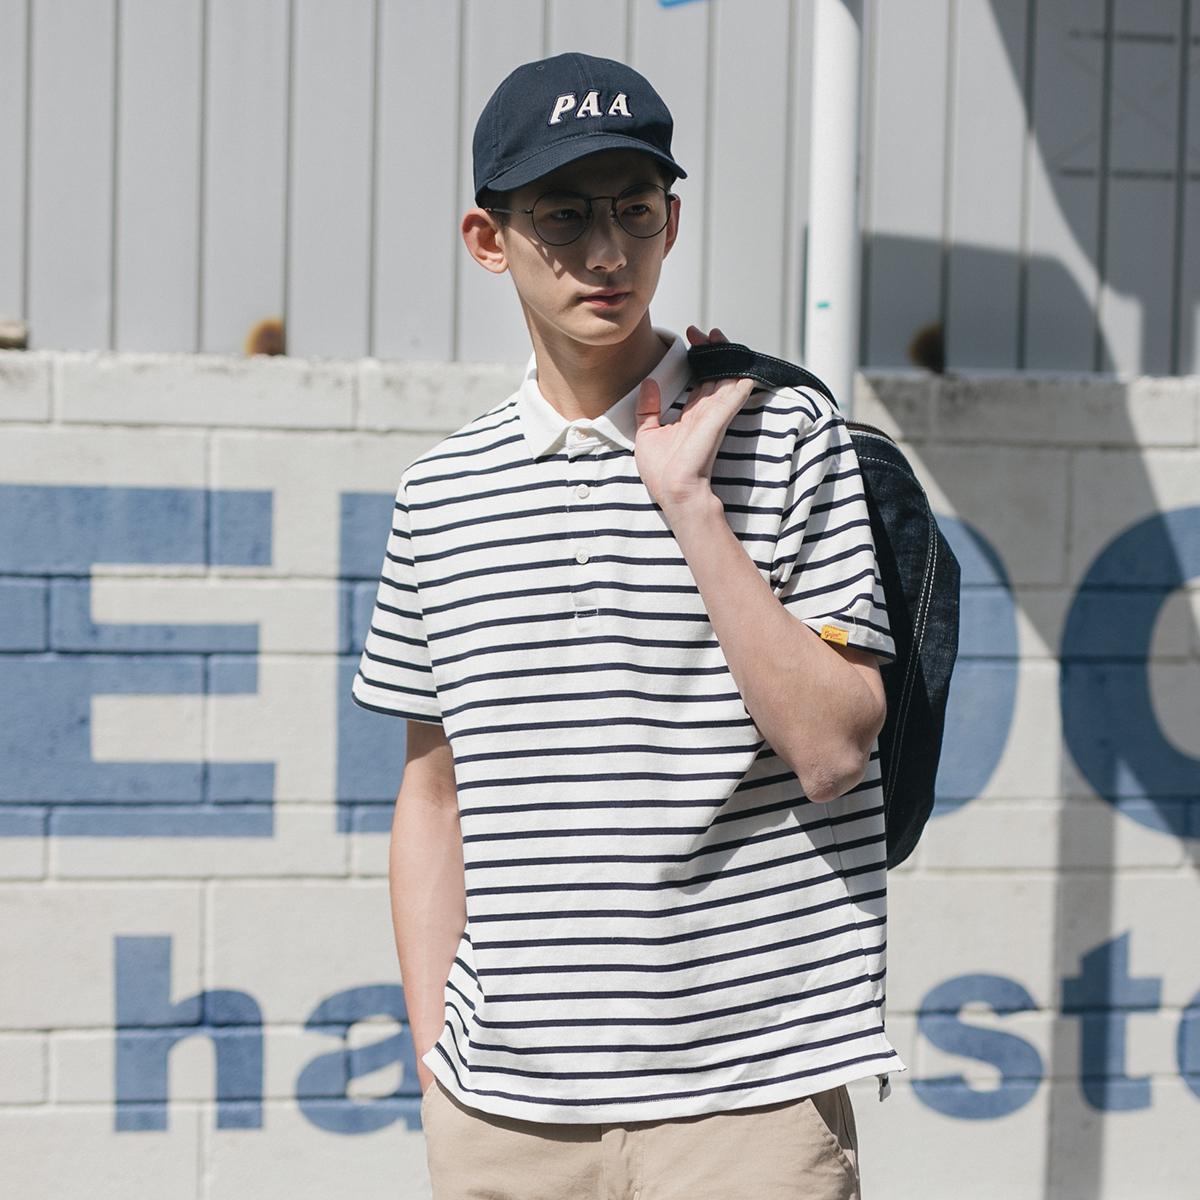 GBOY夏季日系清新文艺条纹翻领POLO衫男青年潮流宽松水洗短袖T恤